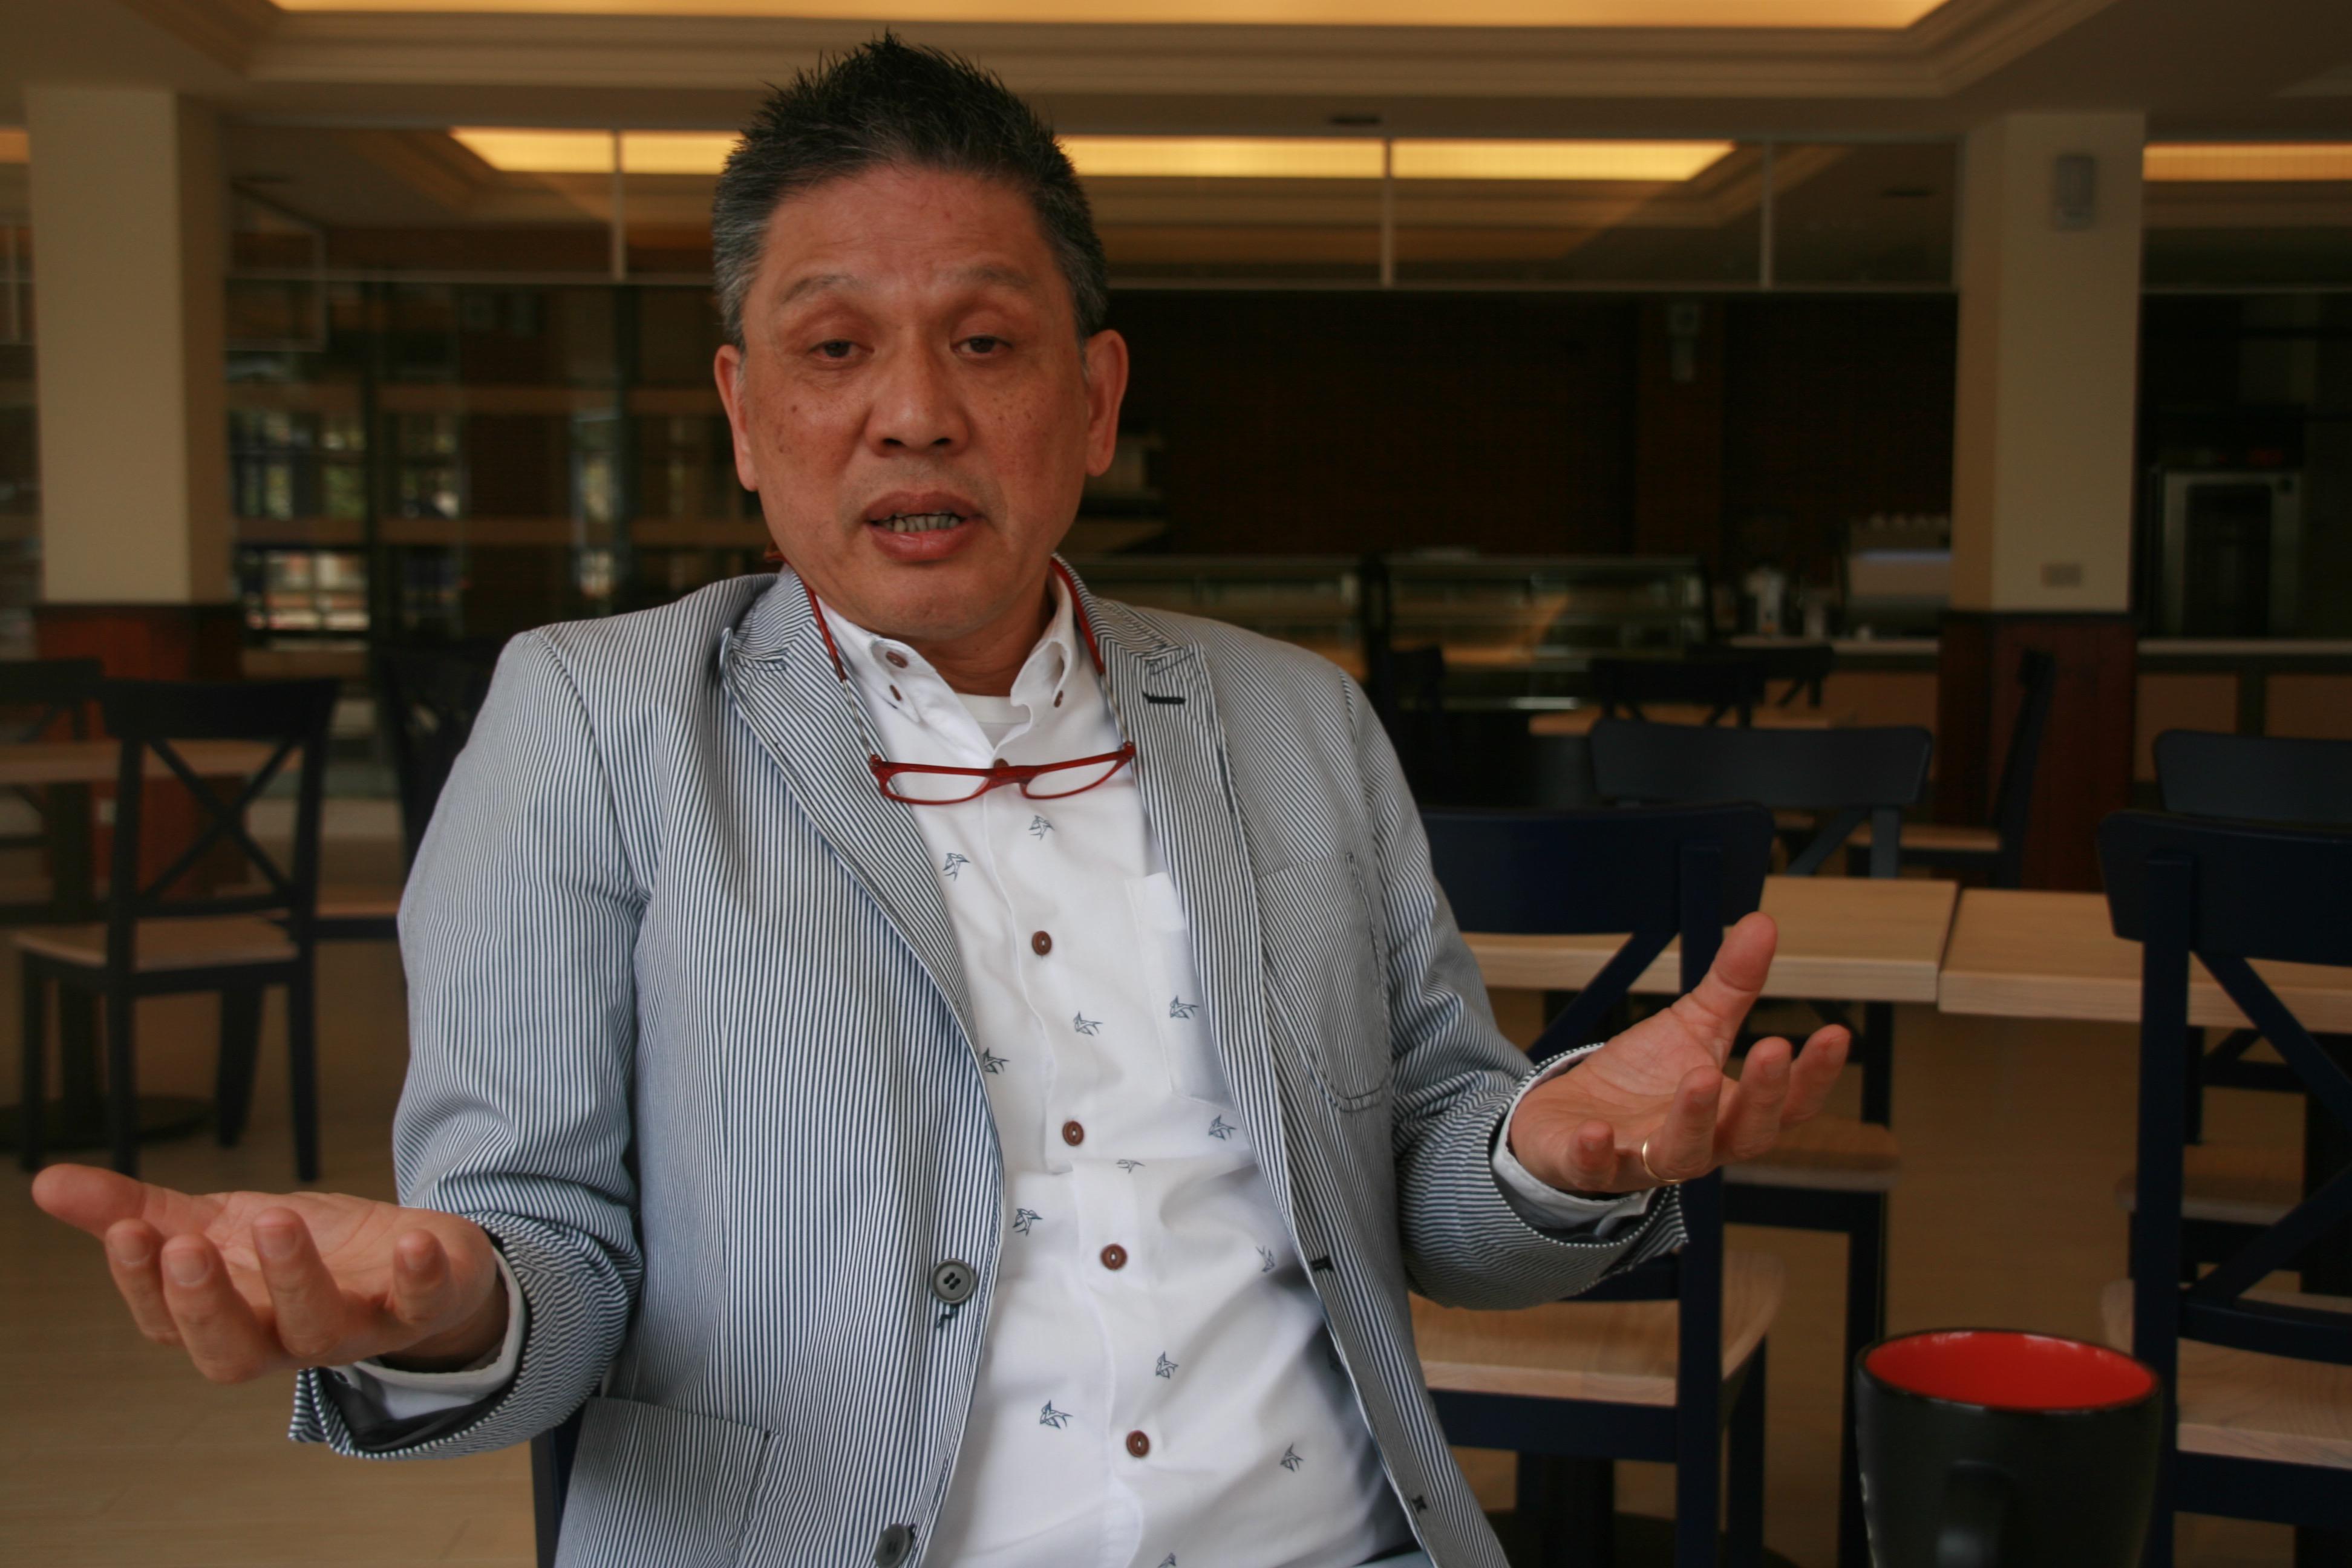 高餐藍帶廚藝卓越中心總經理蘇國垚請辭一案,居然是跟藍帶總公司請辭而非高餐大校方。(圖/黃偉翔攝影)